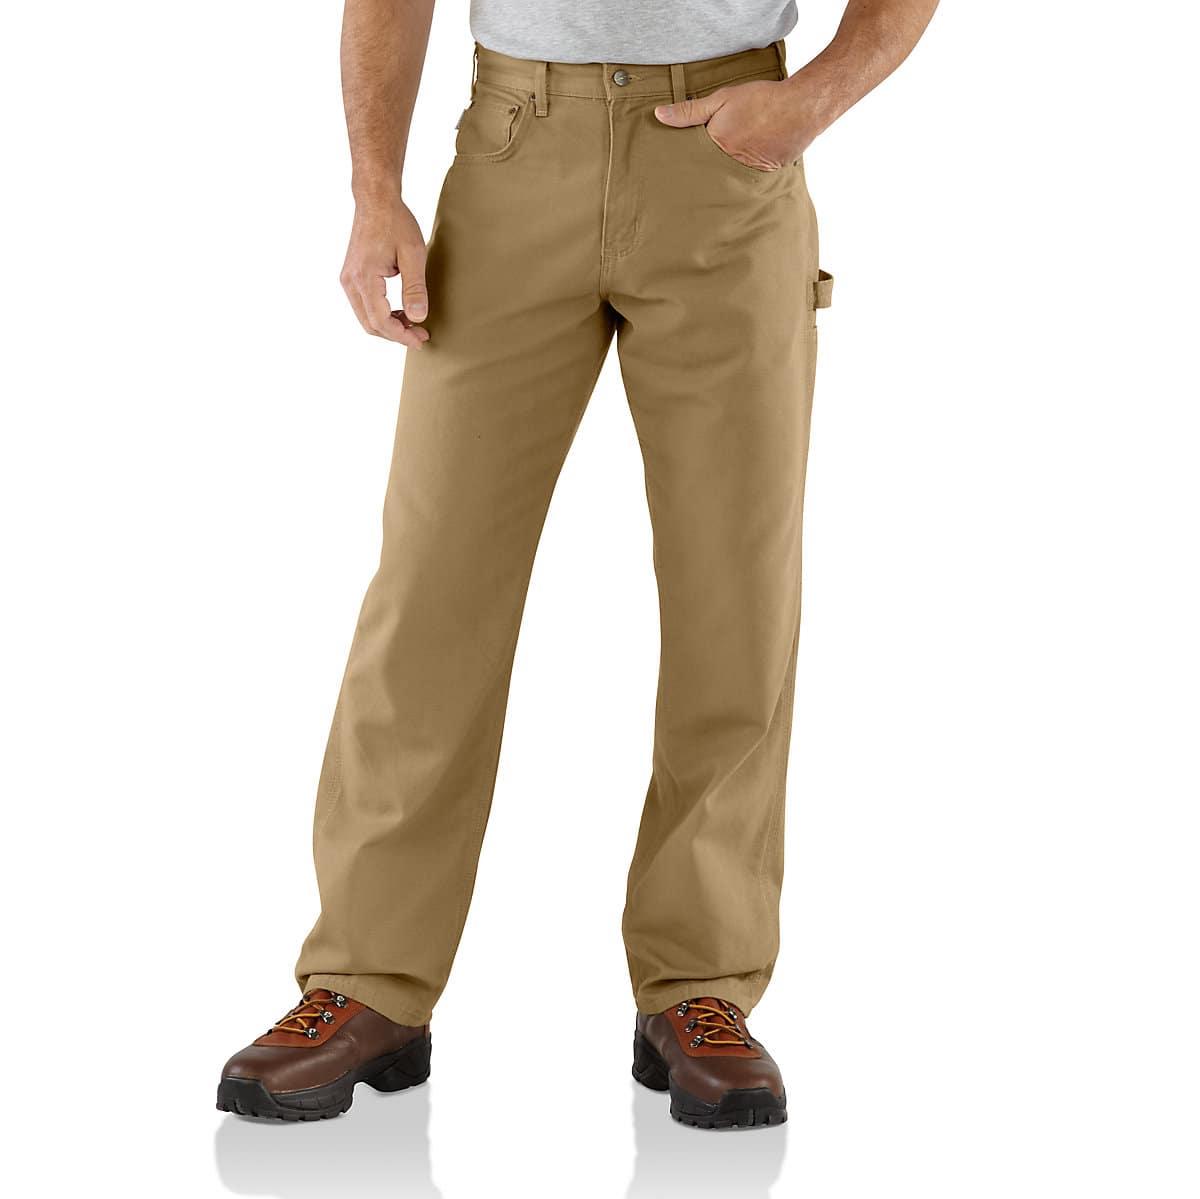 c05e4a1c4464 Men's Loose Fit Canvas Carpenter Pant B159 | Carhartt